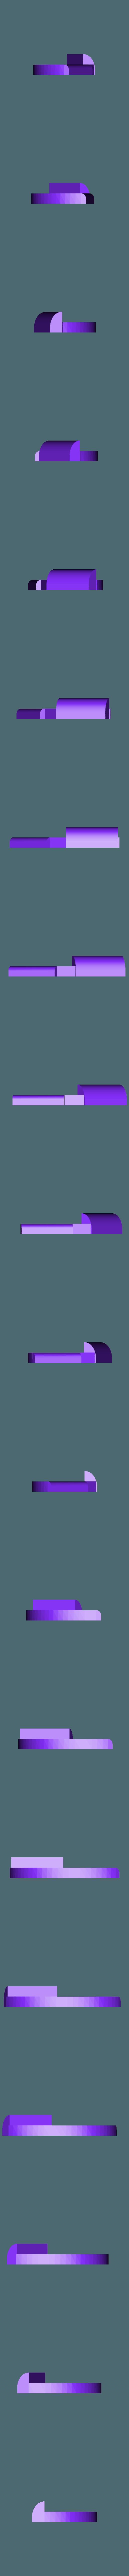 OrangeFacet1.STL Download free STL file SORCE Origami vertex • 3D printer design, byucmr